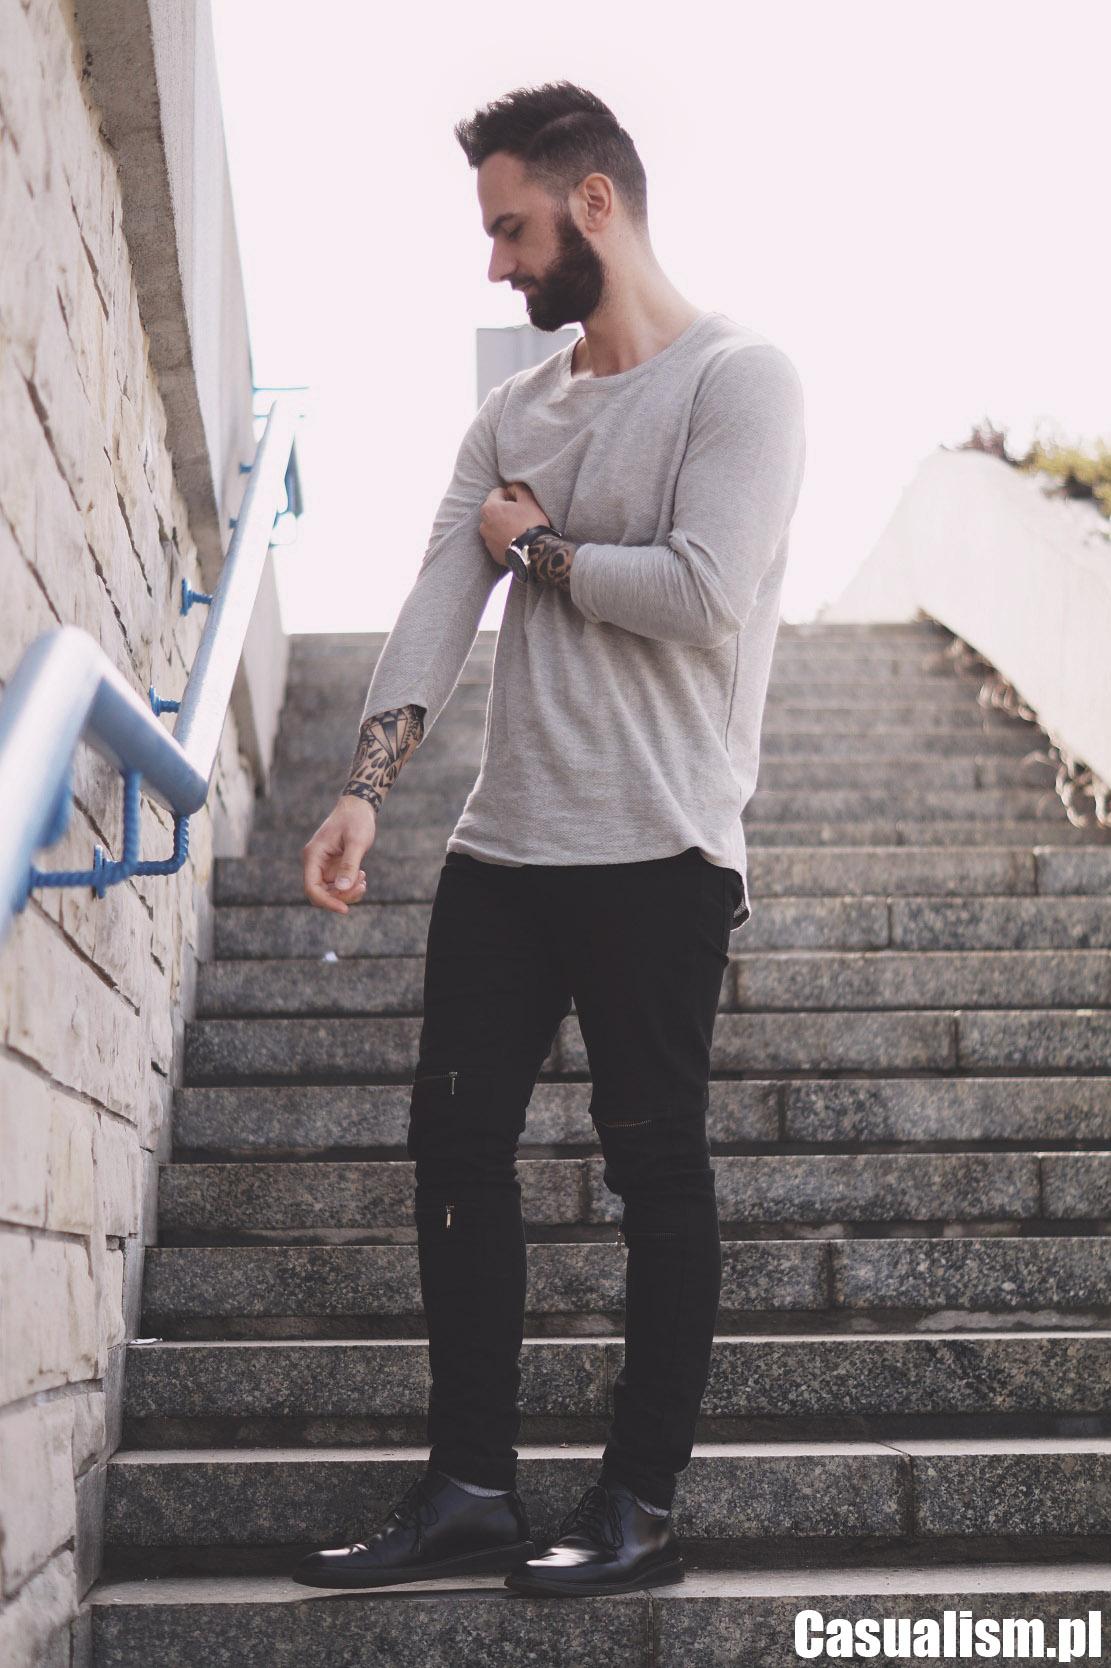 Bluzka z długim rękawem, szara bluzka męska, męskie bluzki. Długa bluzka dla mężczyzna, męska bluzka z długim rękawem.